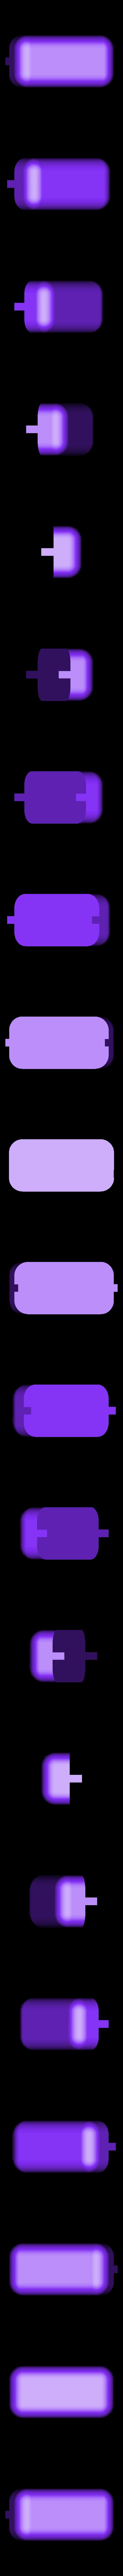 Unblock_Board_Game_Small_Stone.stl Télécharger fichier STL gratuit Unblock Board Game • Modèle pour impression 3D, Chrisibub